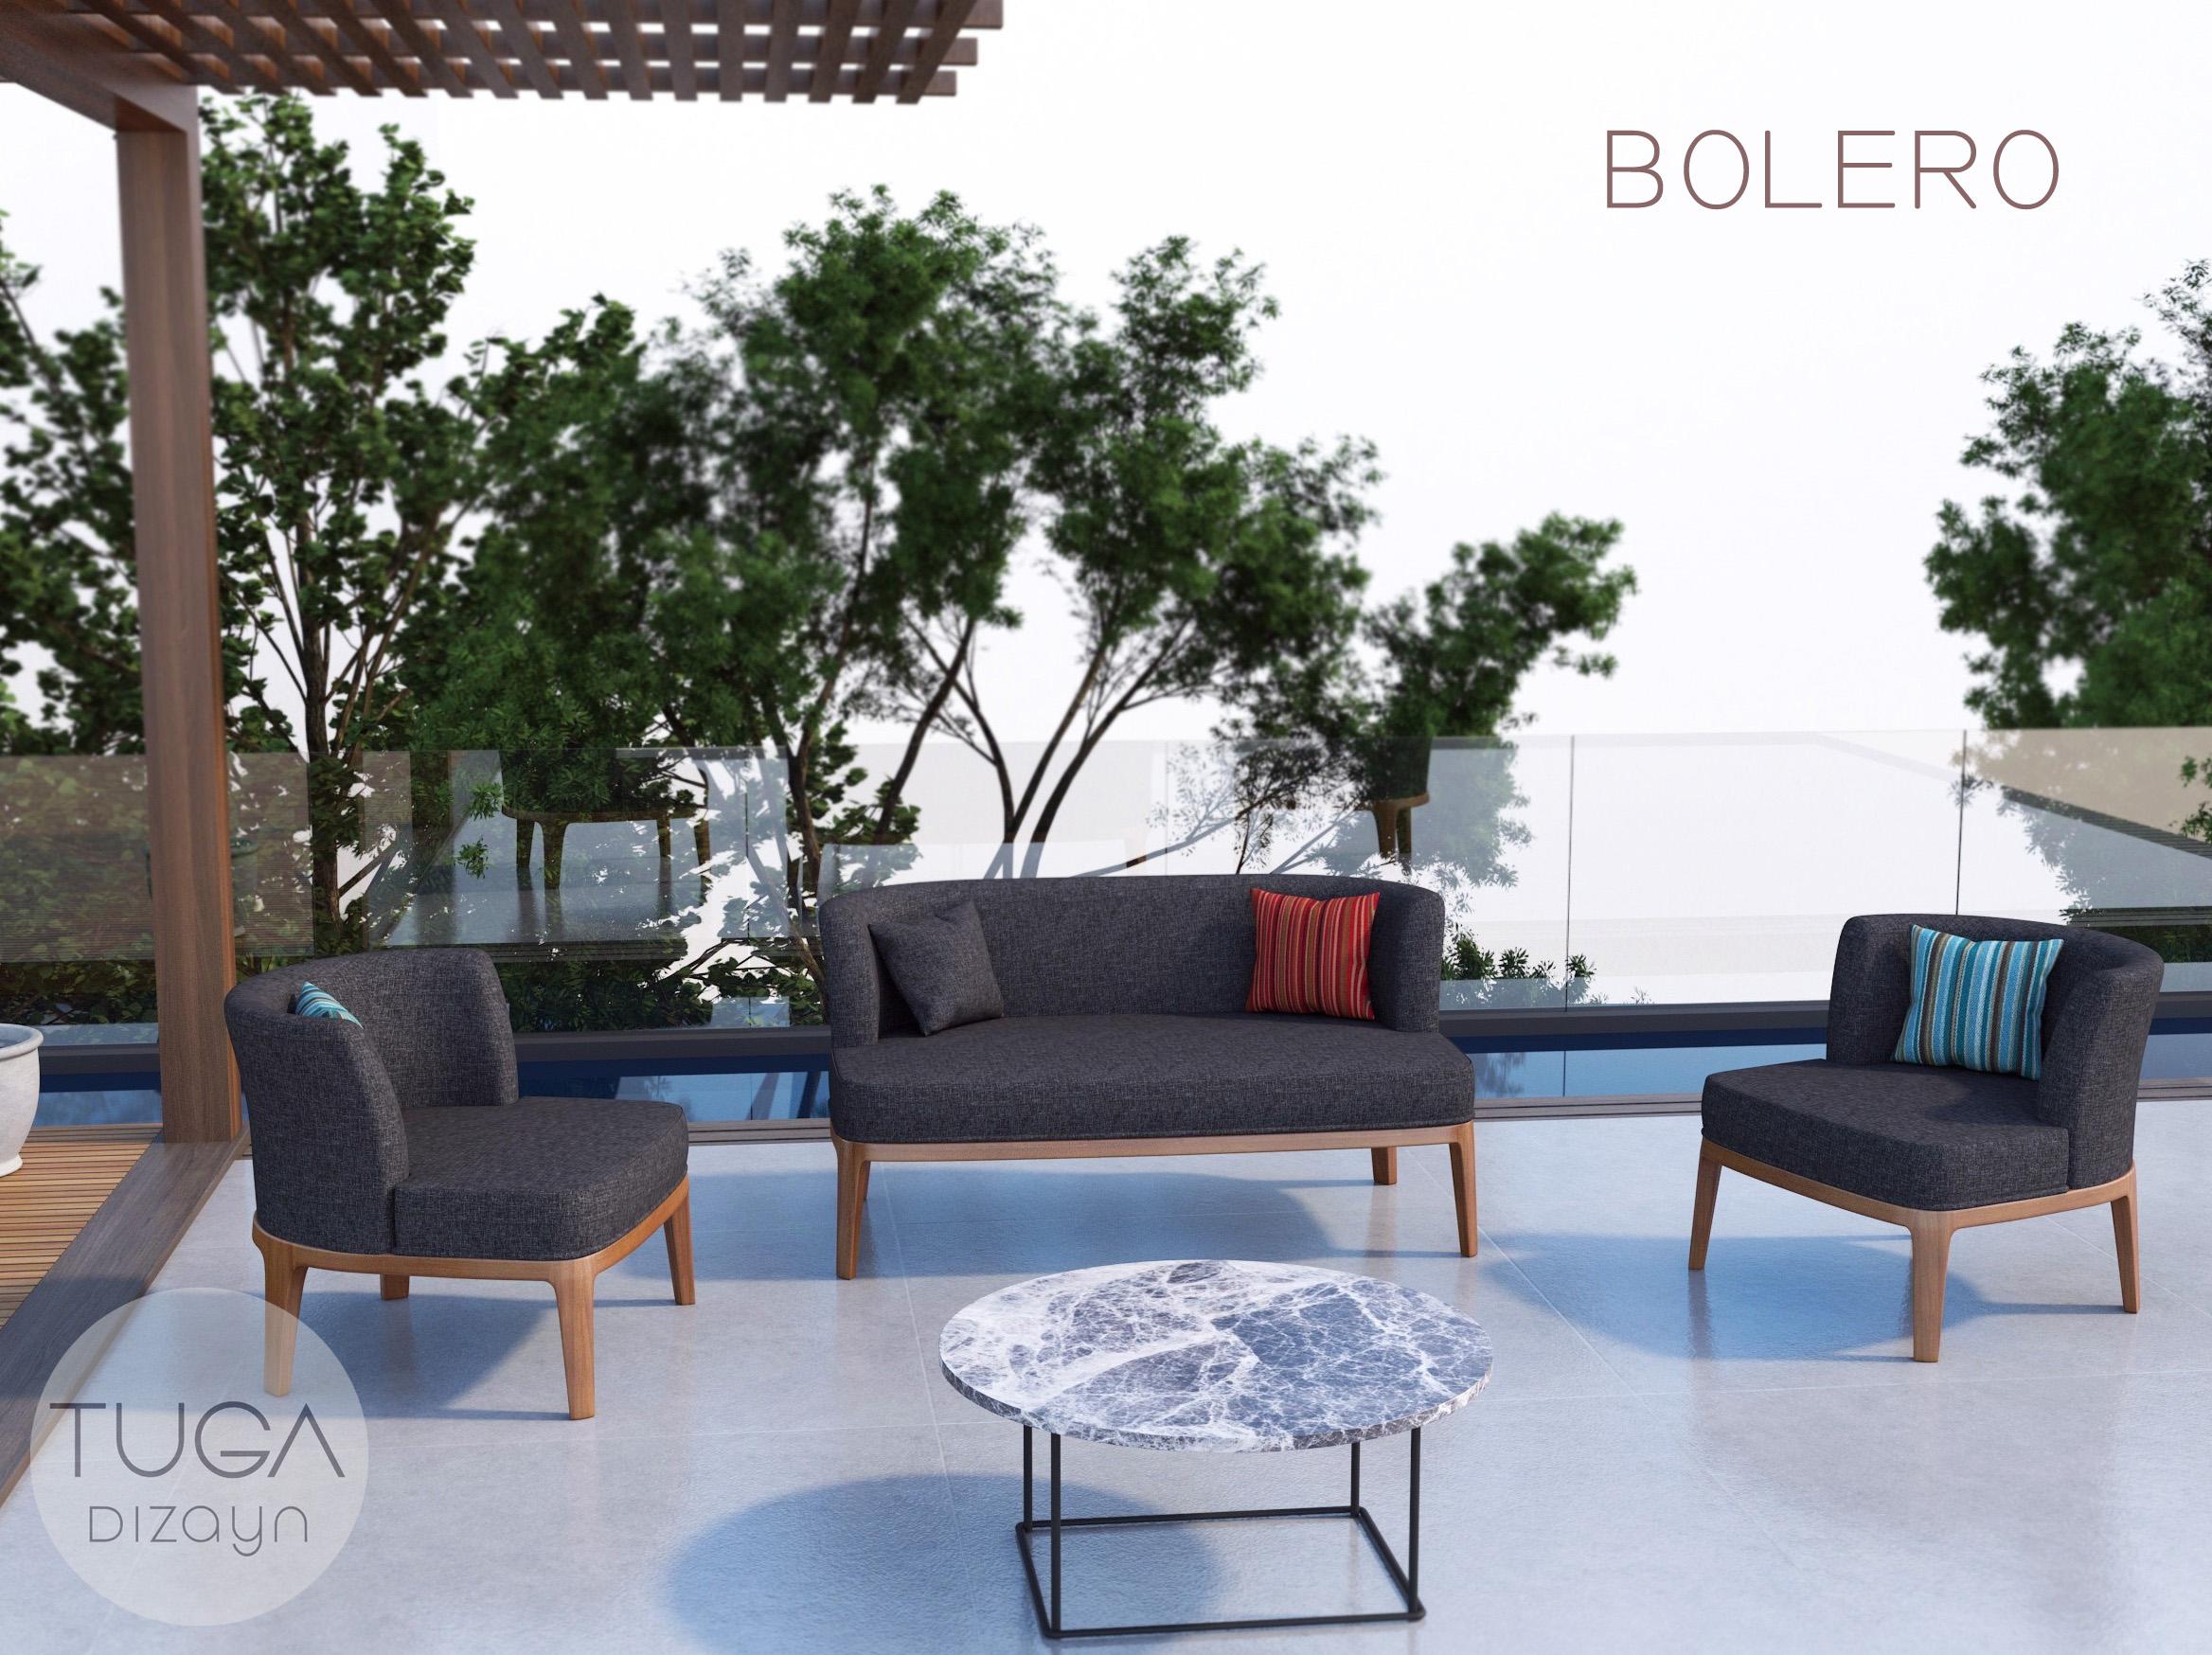 Bolero Bahçe Takım